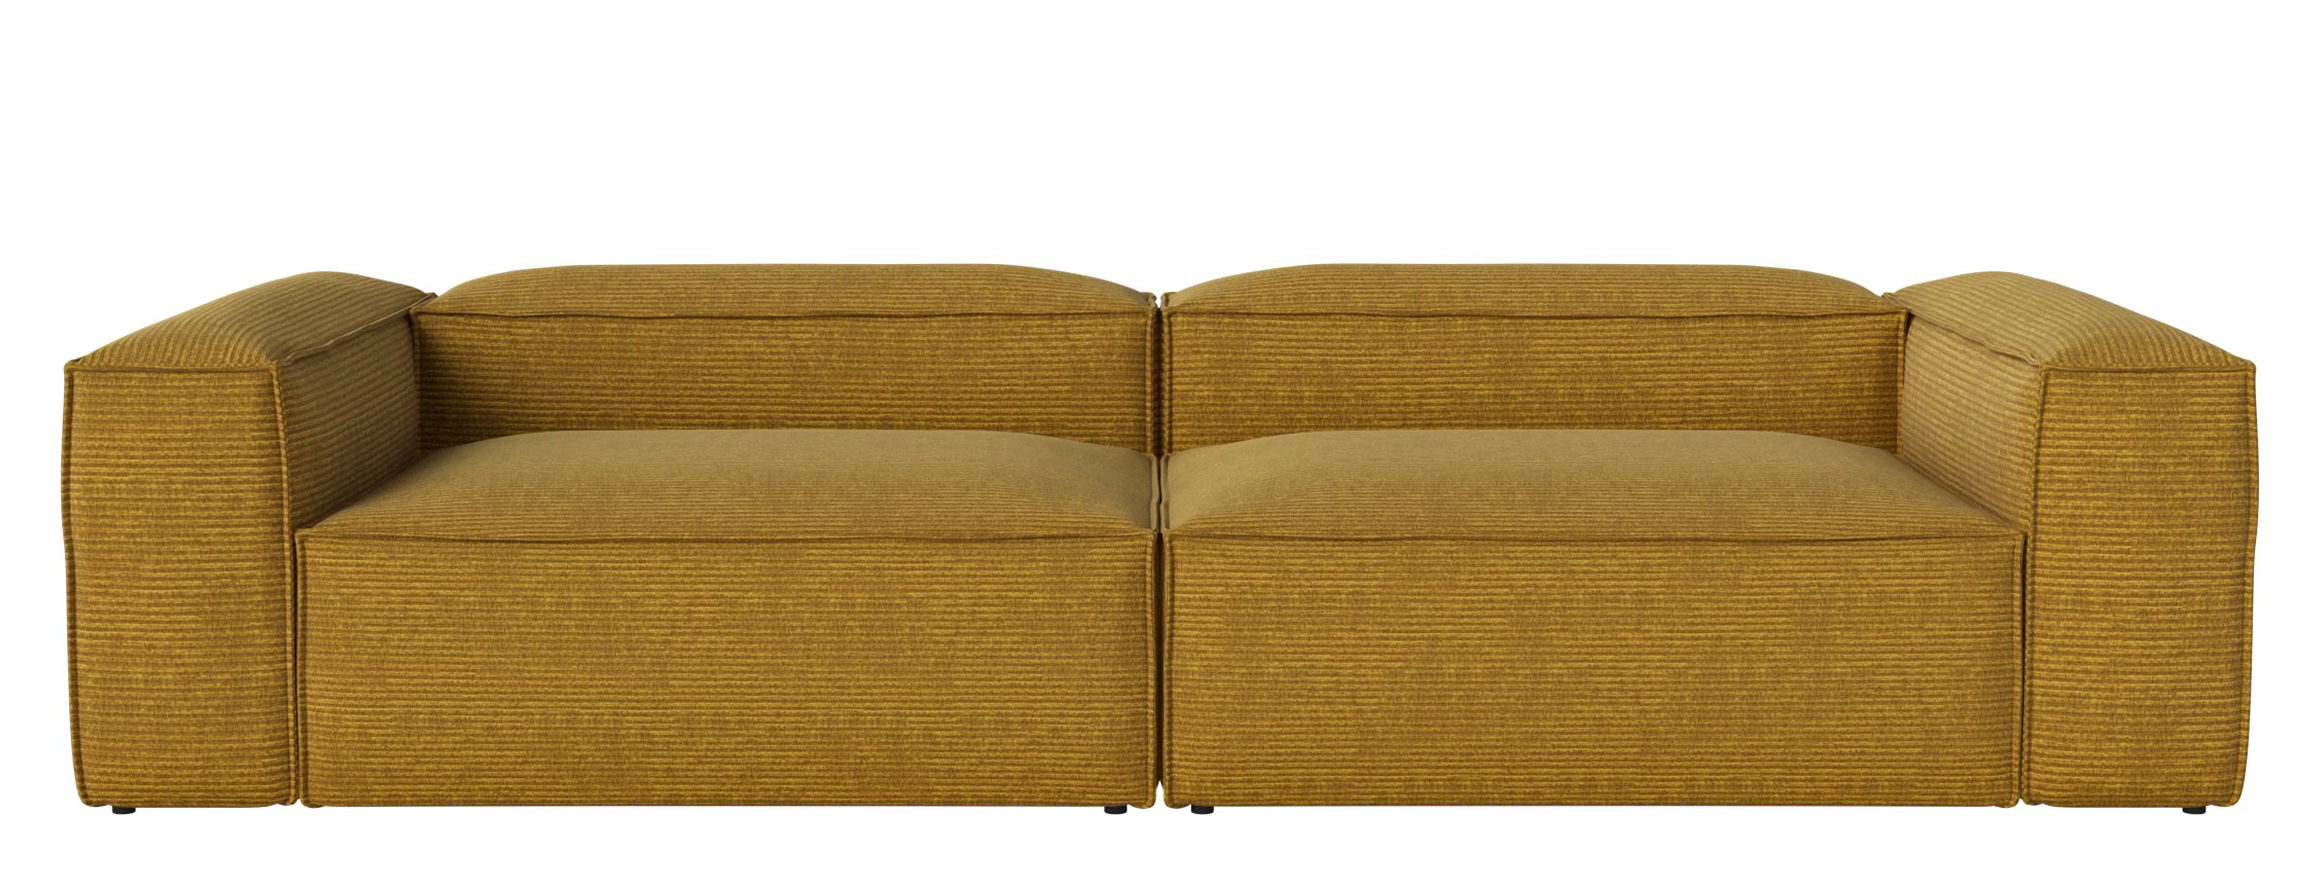 Arredamento - Divani moderni - Divano modulabile Cosima - Tessuto / 2 moduli - grande angolo - L 300 cm di Bolia - Giallo curry - Schiuma fredda, Tessuto Global